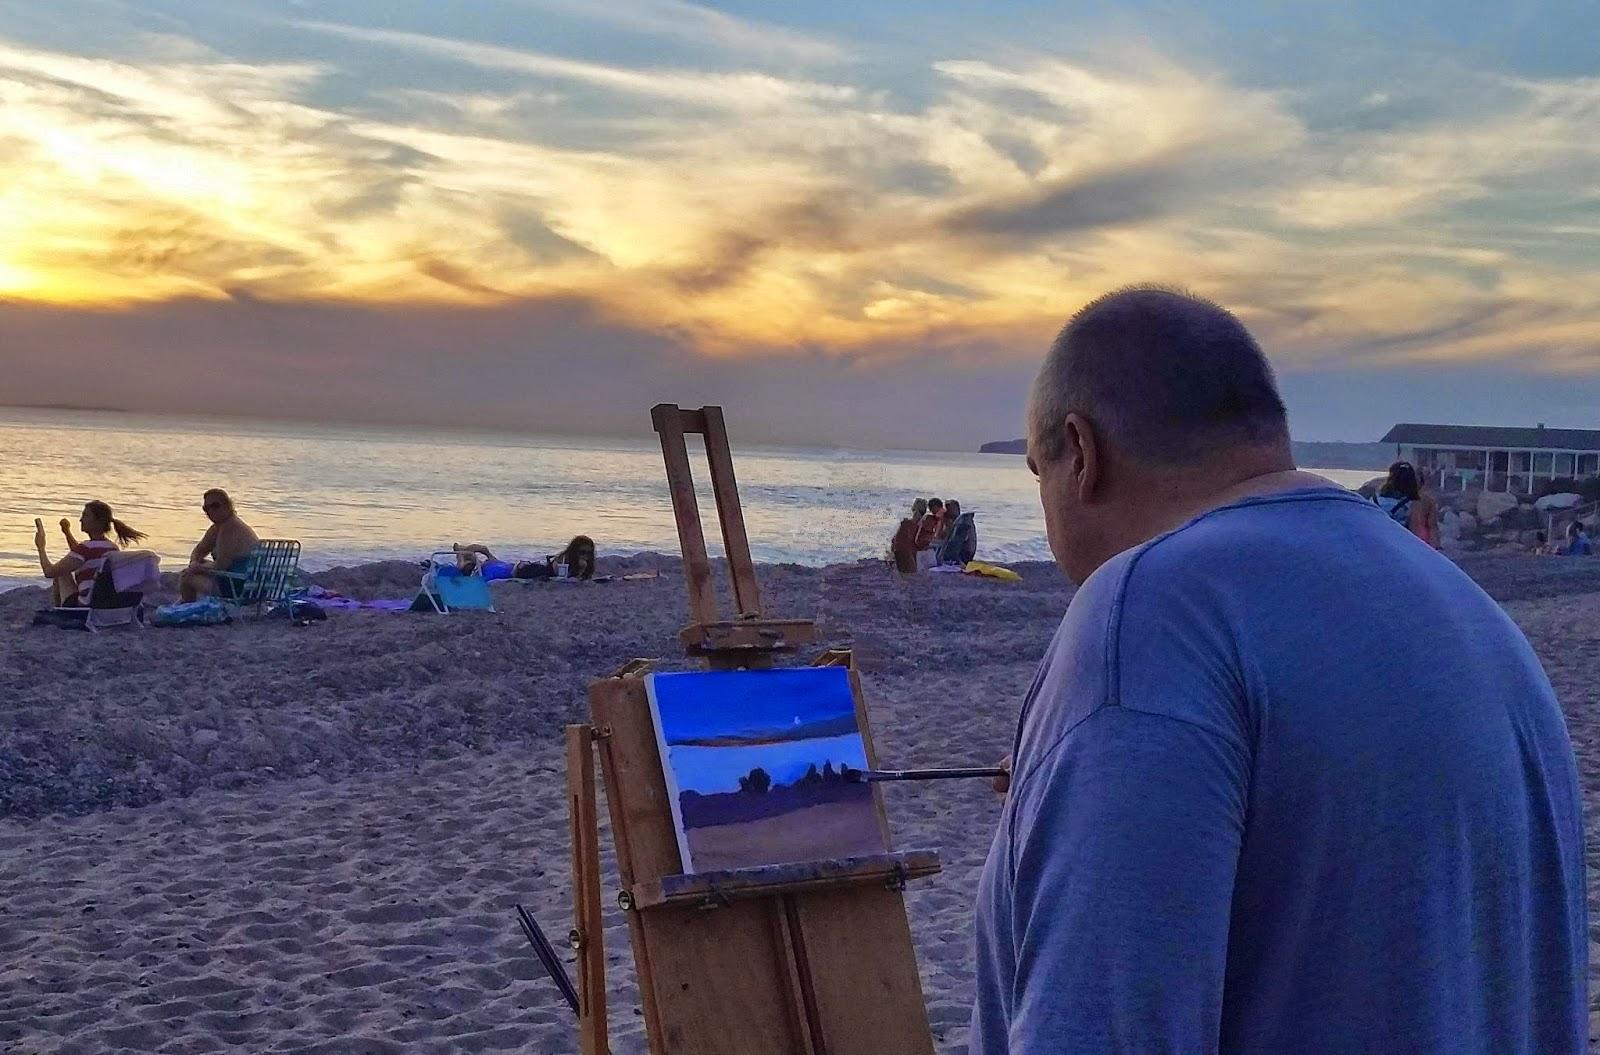 Googliercom Mongolia Search Date 2018 10 19 Onde Ketawa By Dapur Buamp039e Sf Dr Drew Painting En Plein Air At San Clemente Beach In Ca